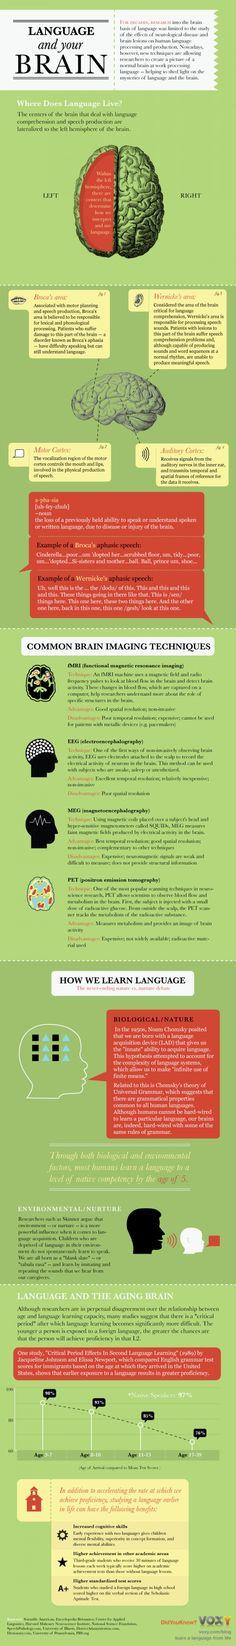 El aprendizaje y la operativa del lenguaje desde la perspectiva cerebral